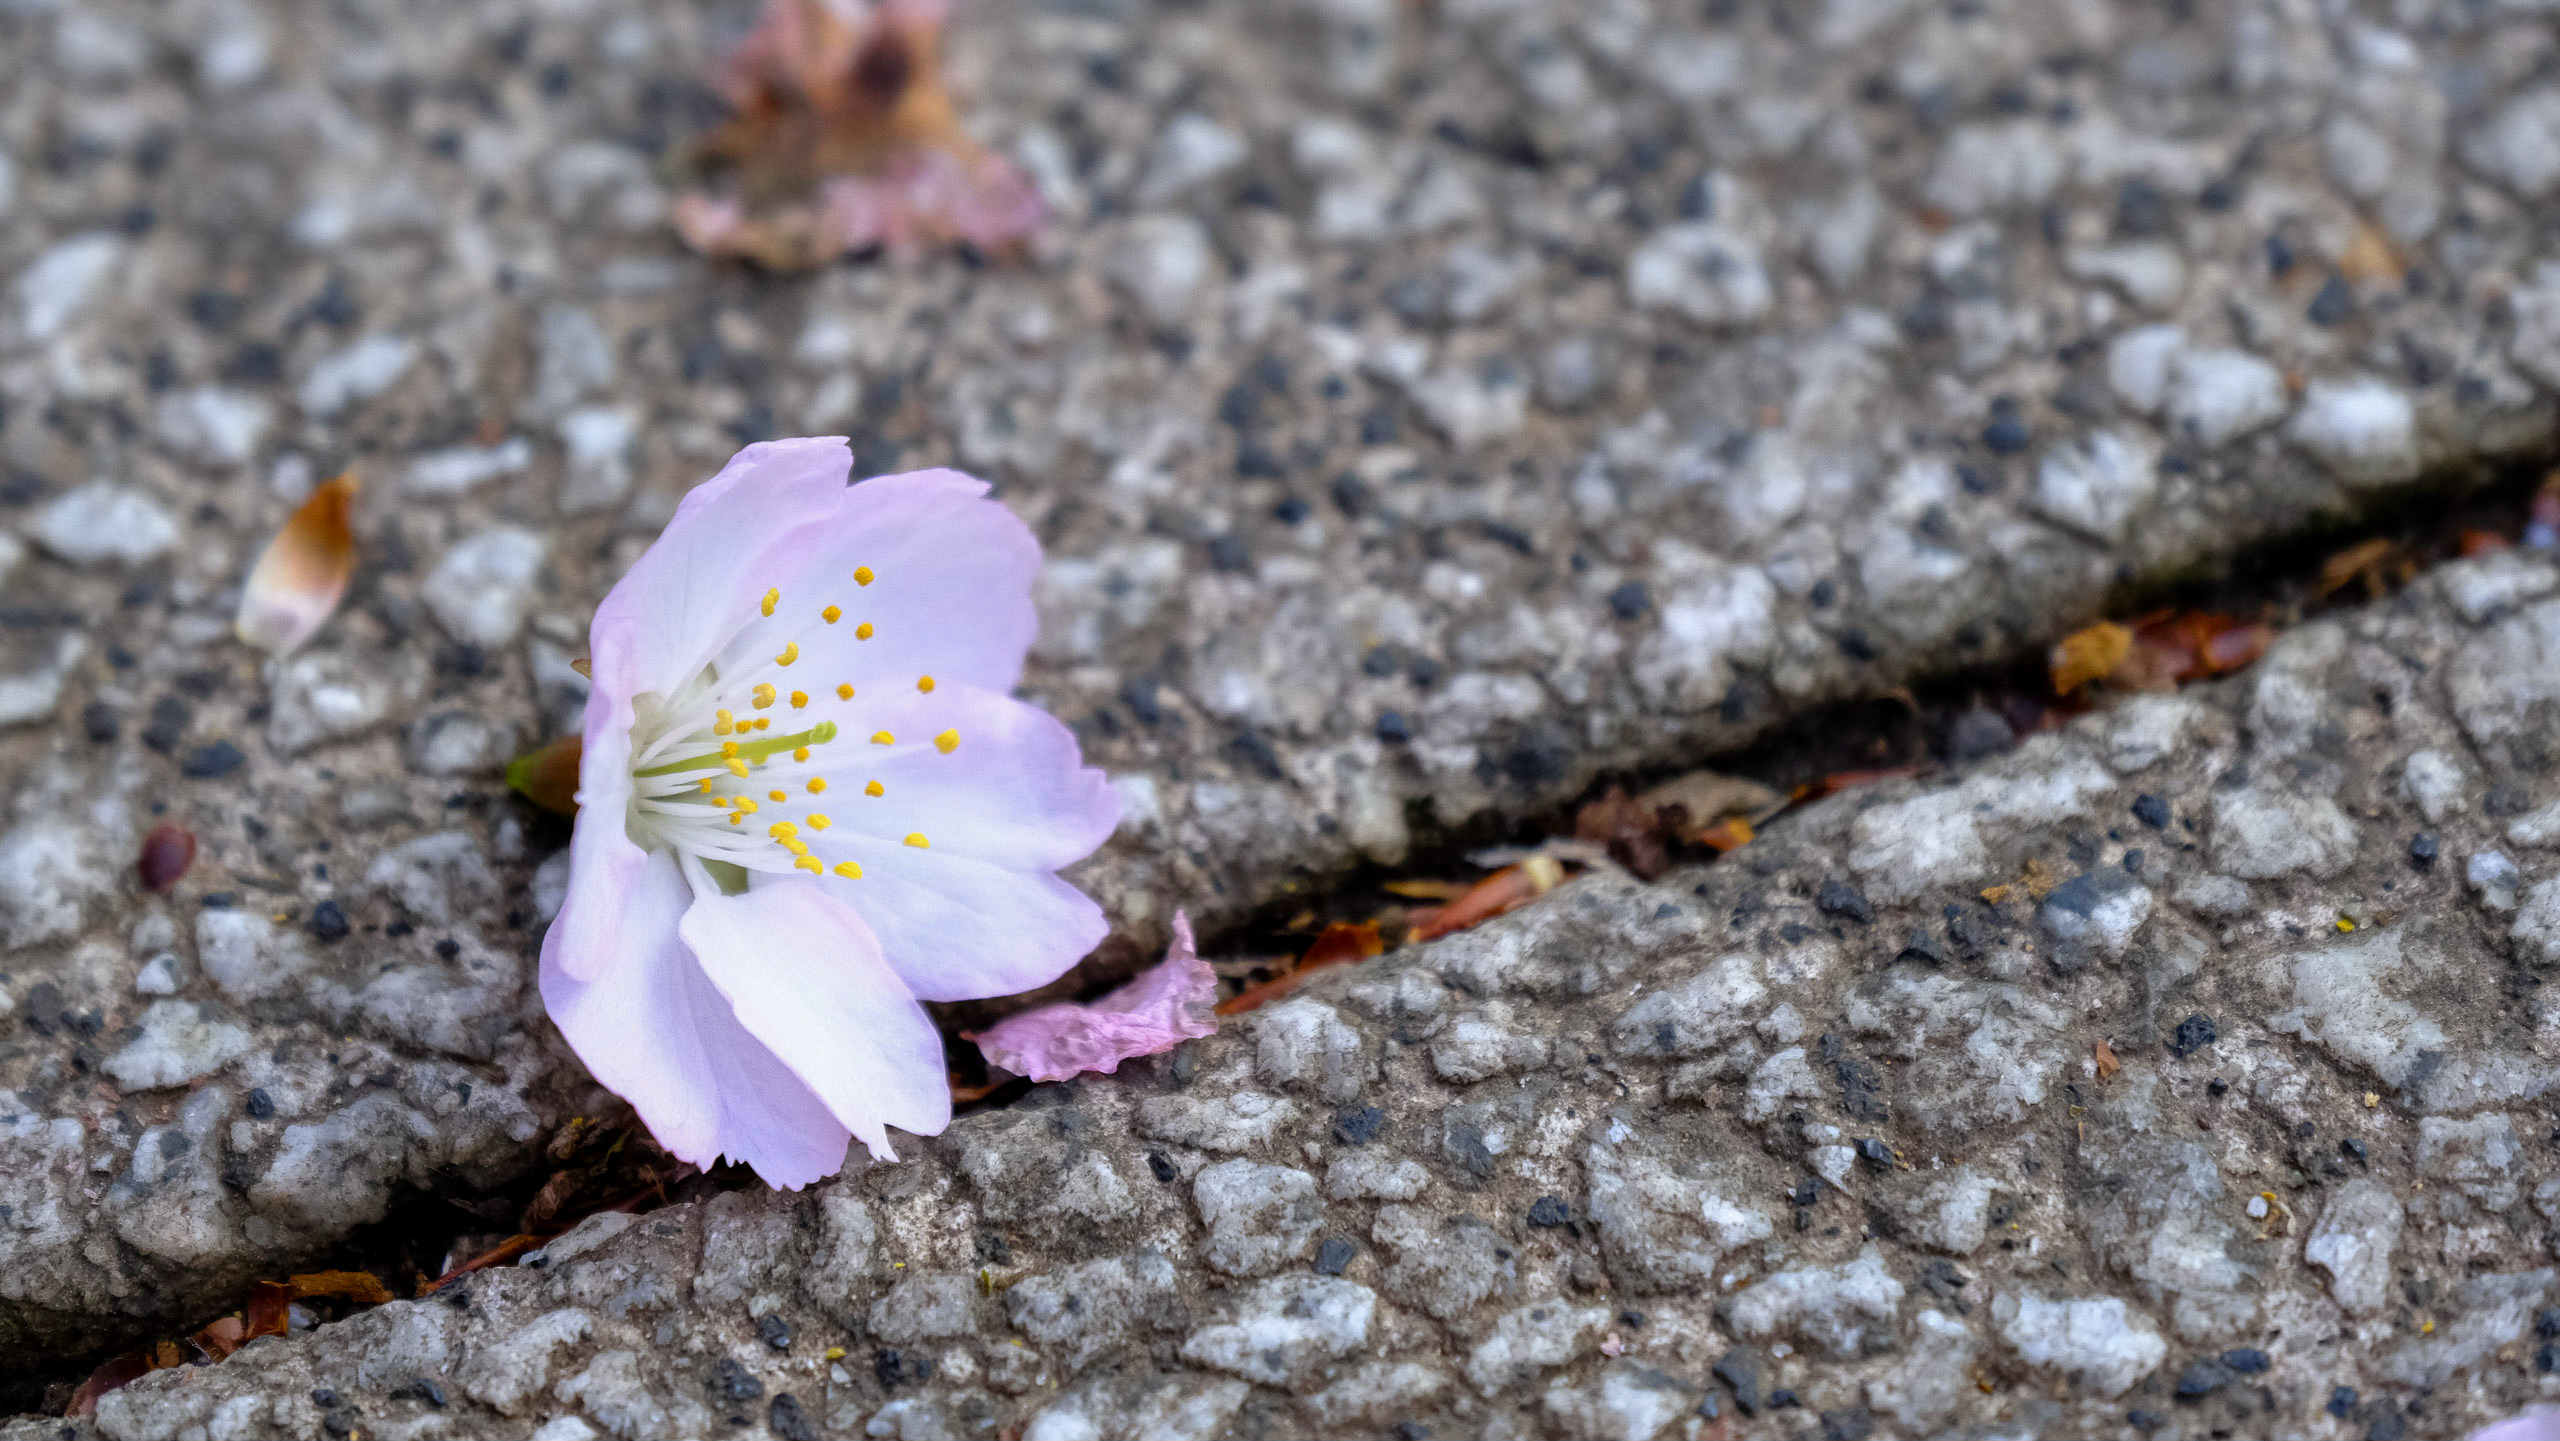 Fallen cherry flower